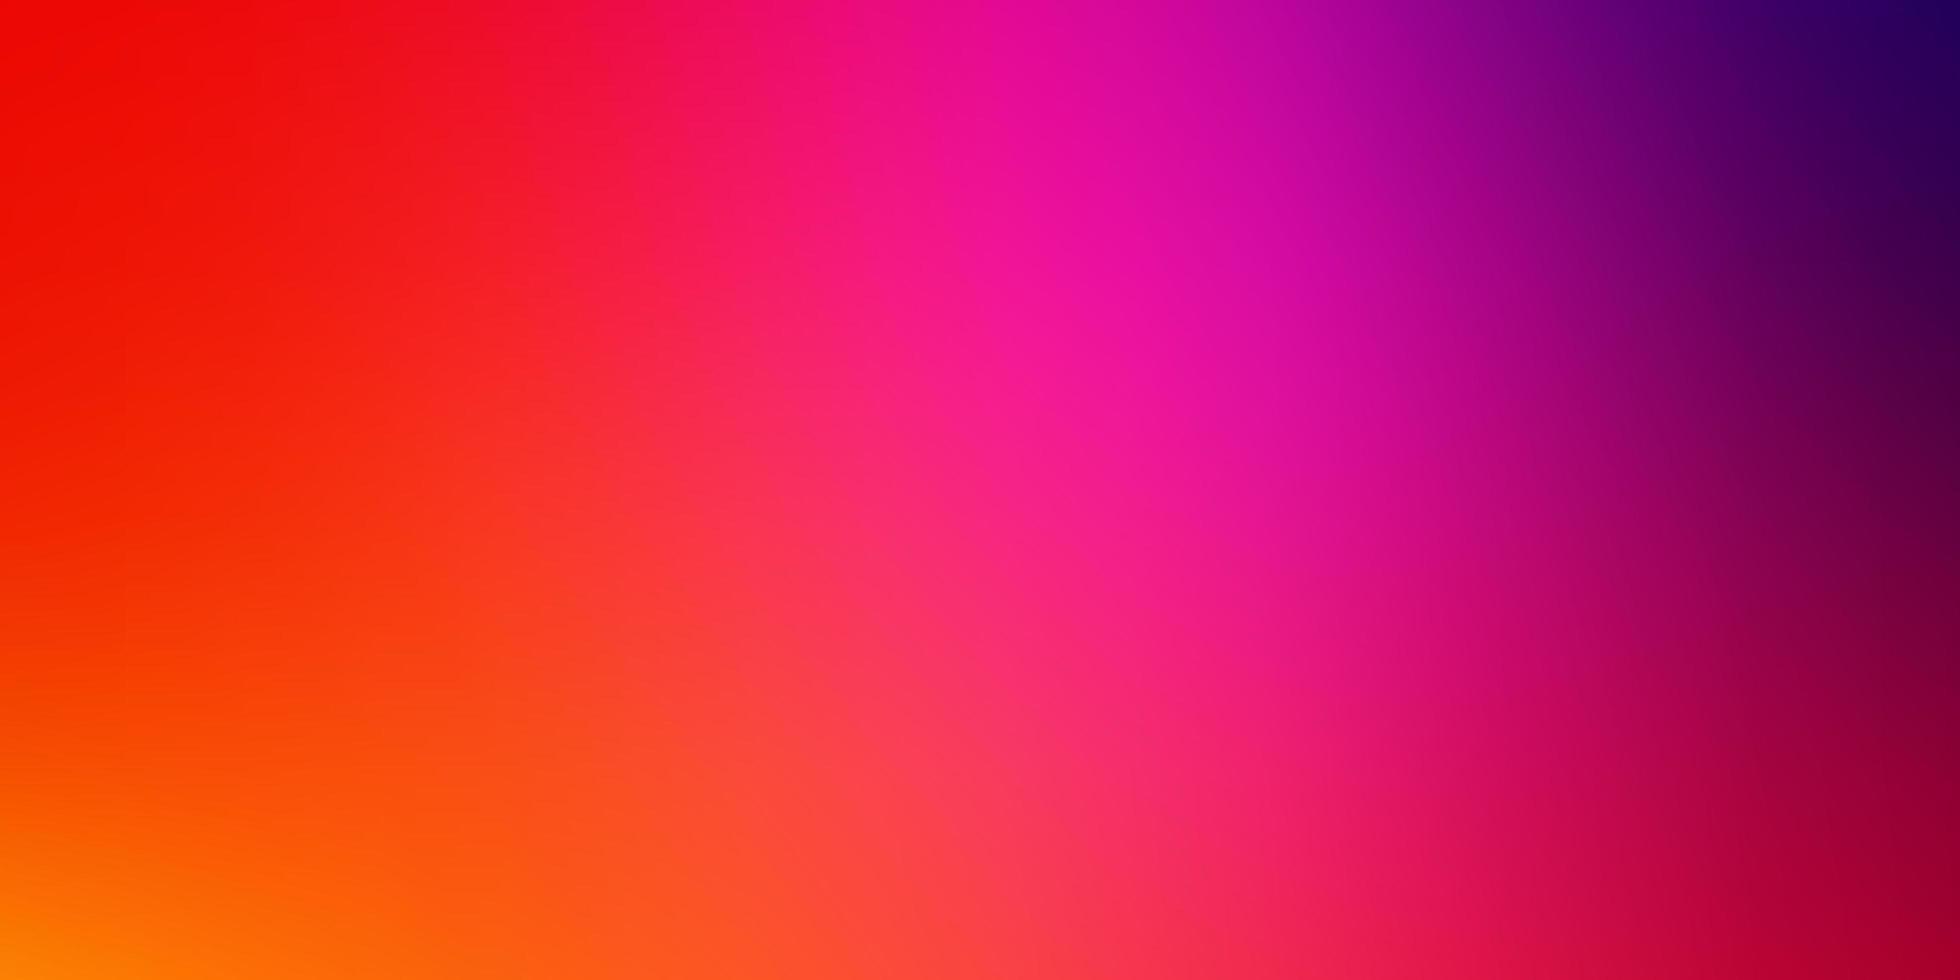 modello colorato sfocato vettoriale rosa chiaro, giallo.